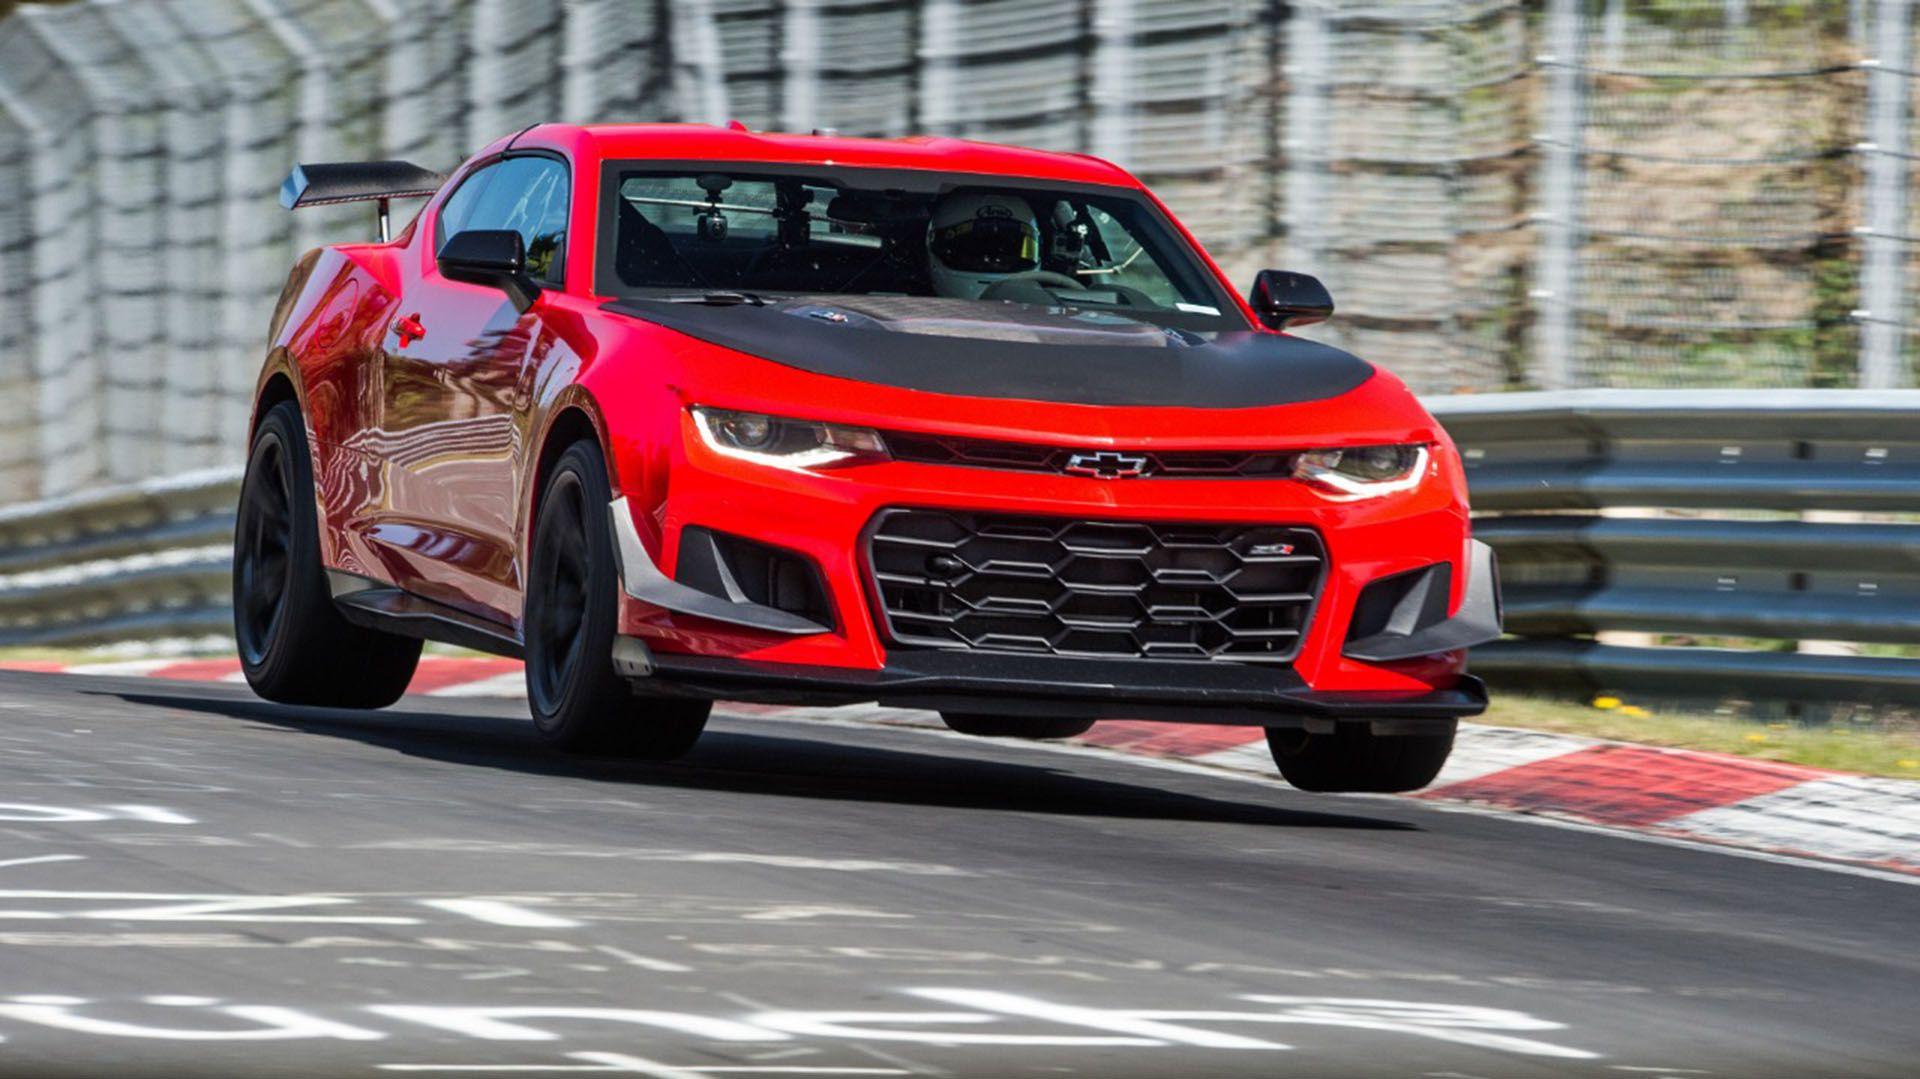 La sexta generación, presentada en ocasión del 50 aniversario del modelo, trajo el Camaro más furioso de la historia (Prensa General Motors)